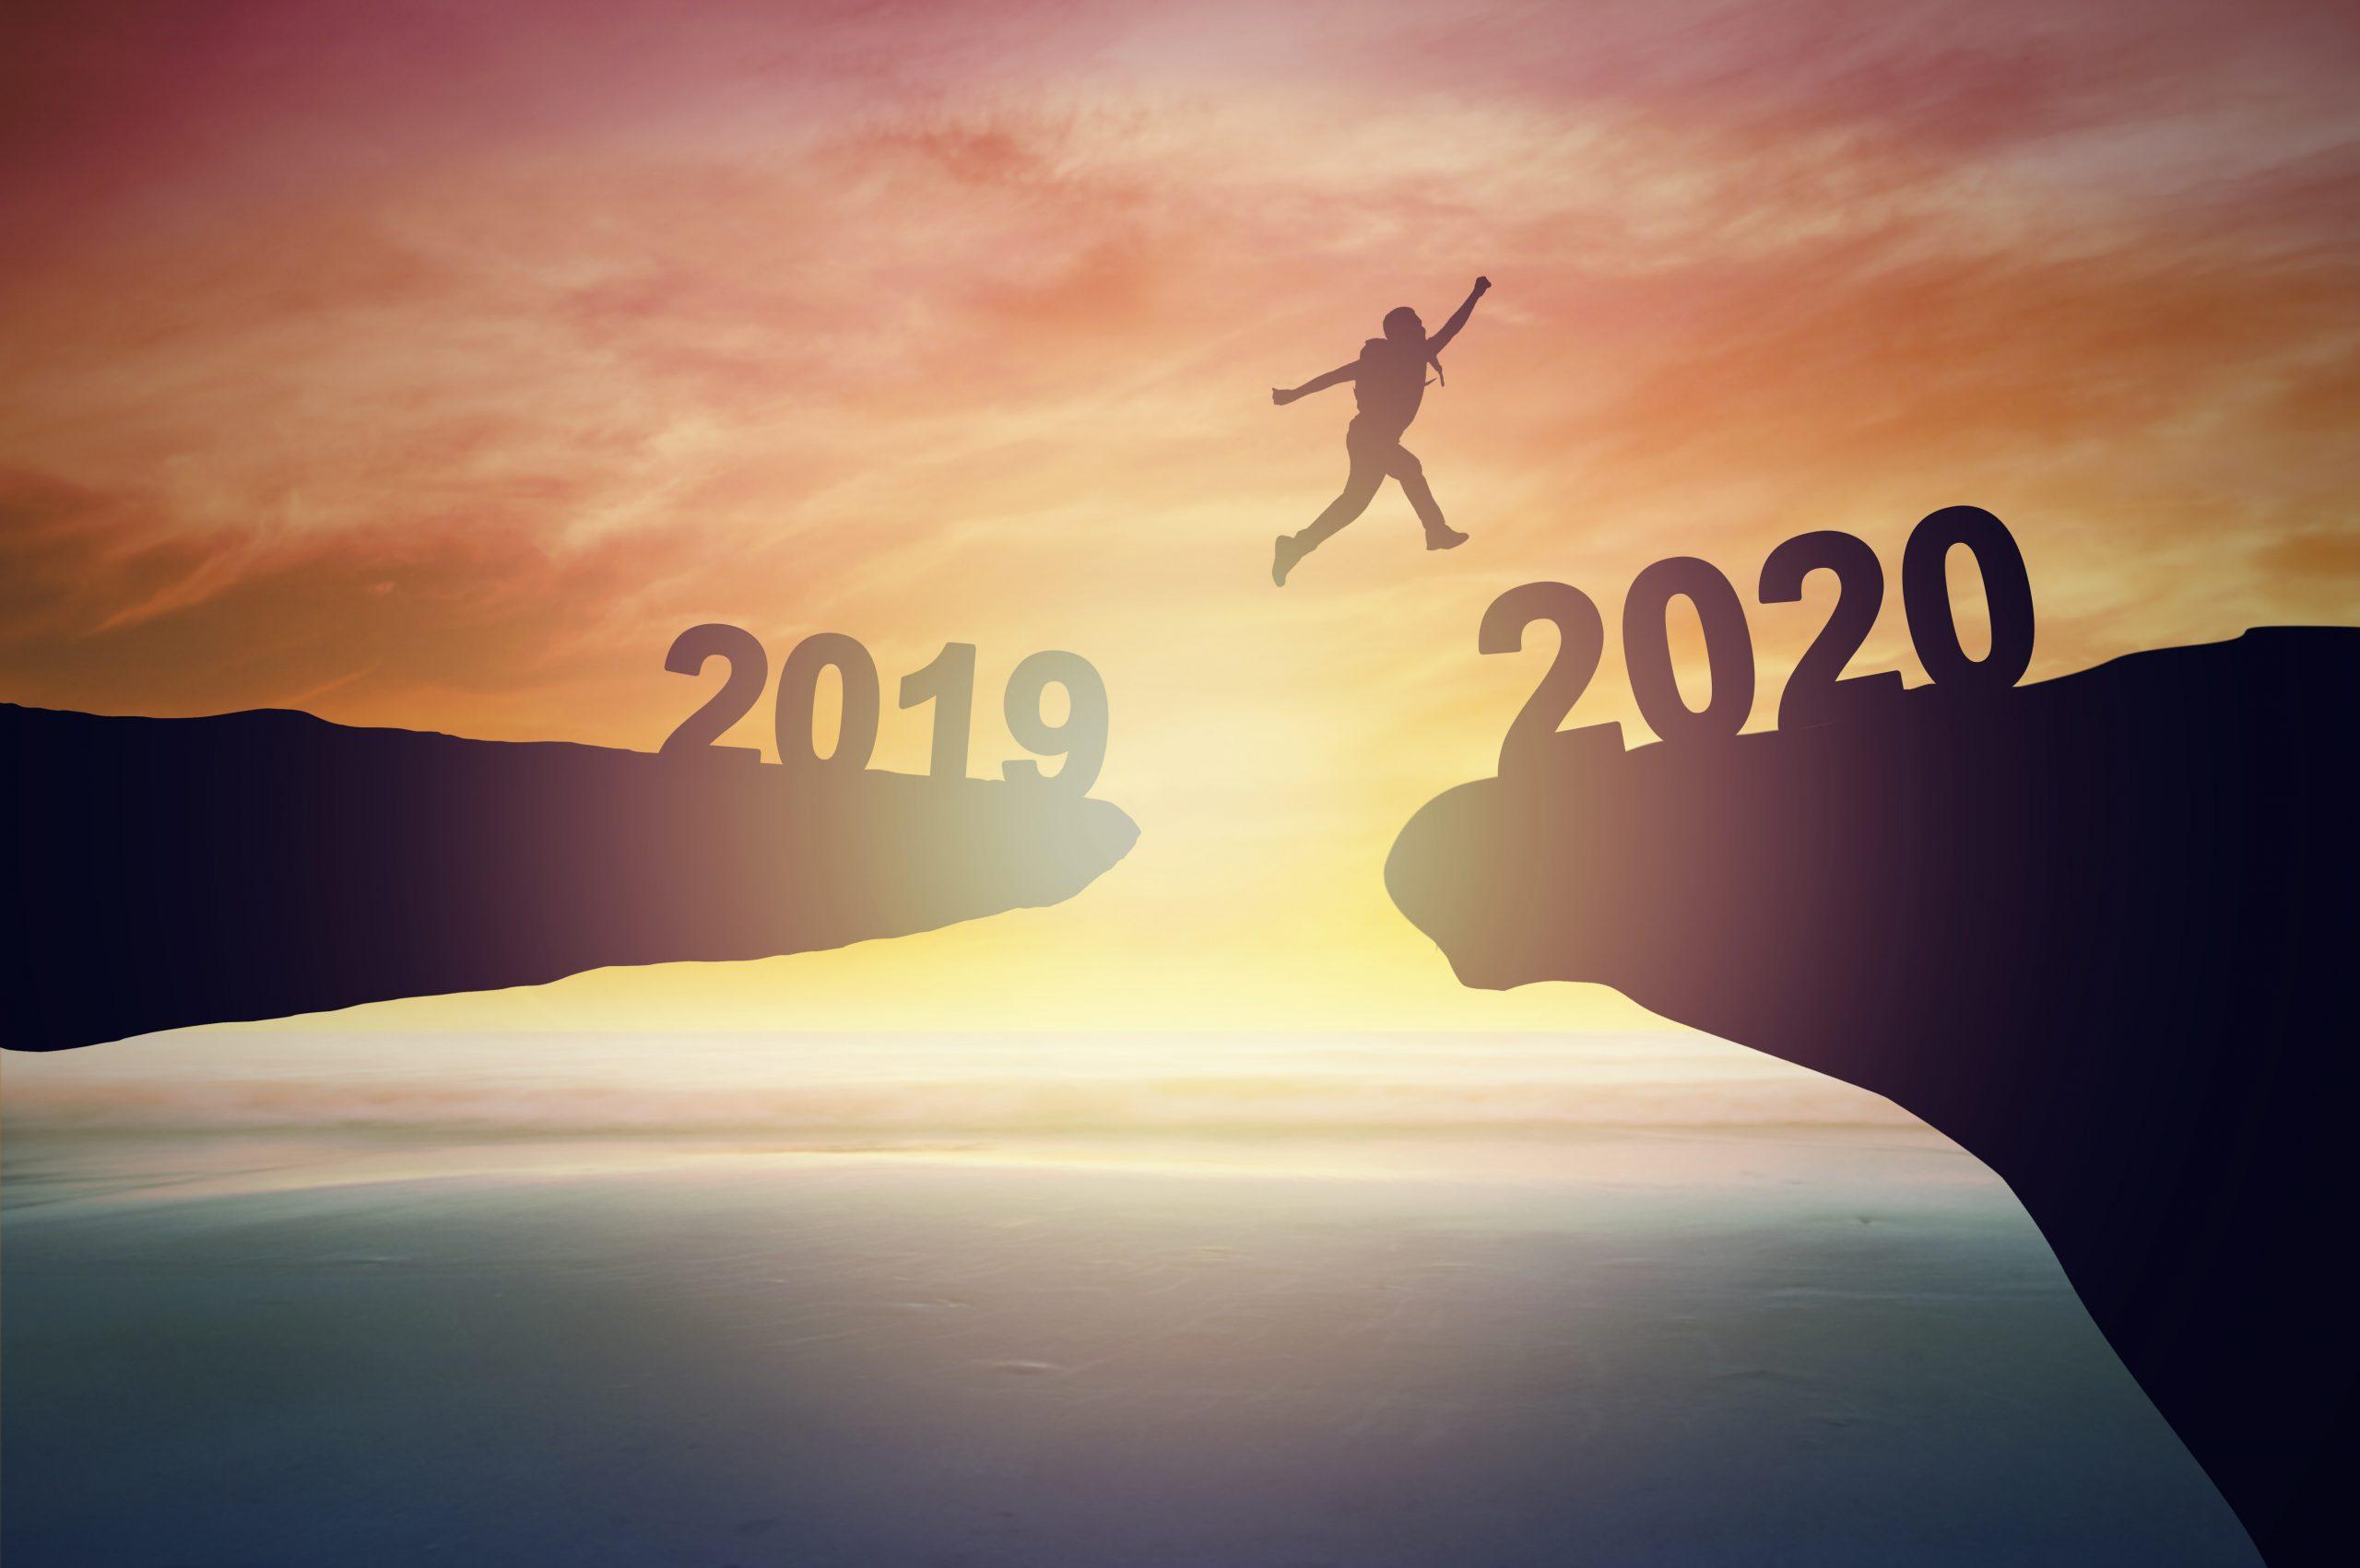 Добре дошли в 2020